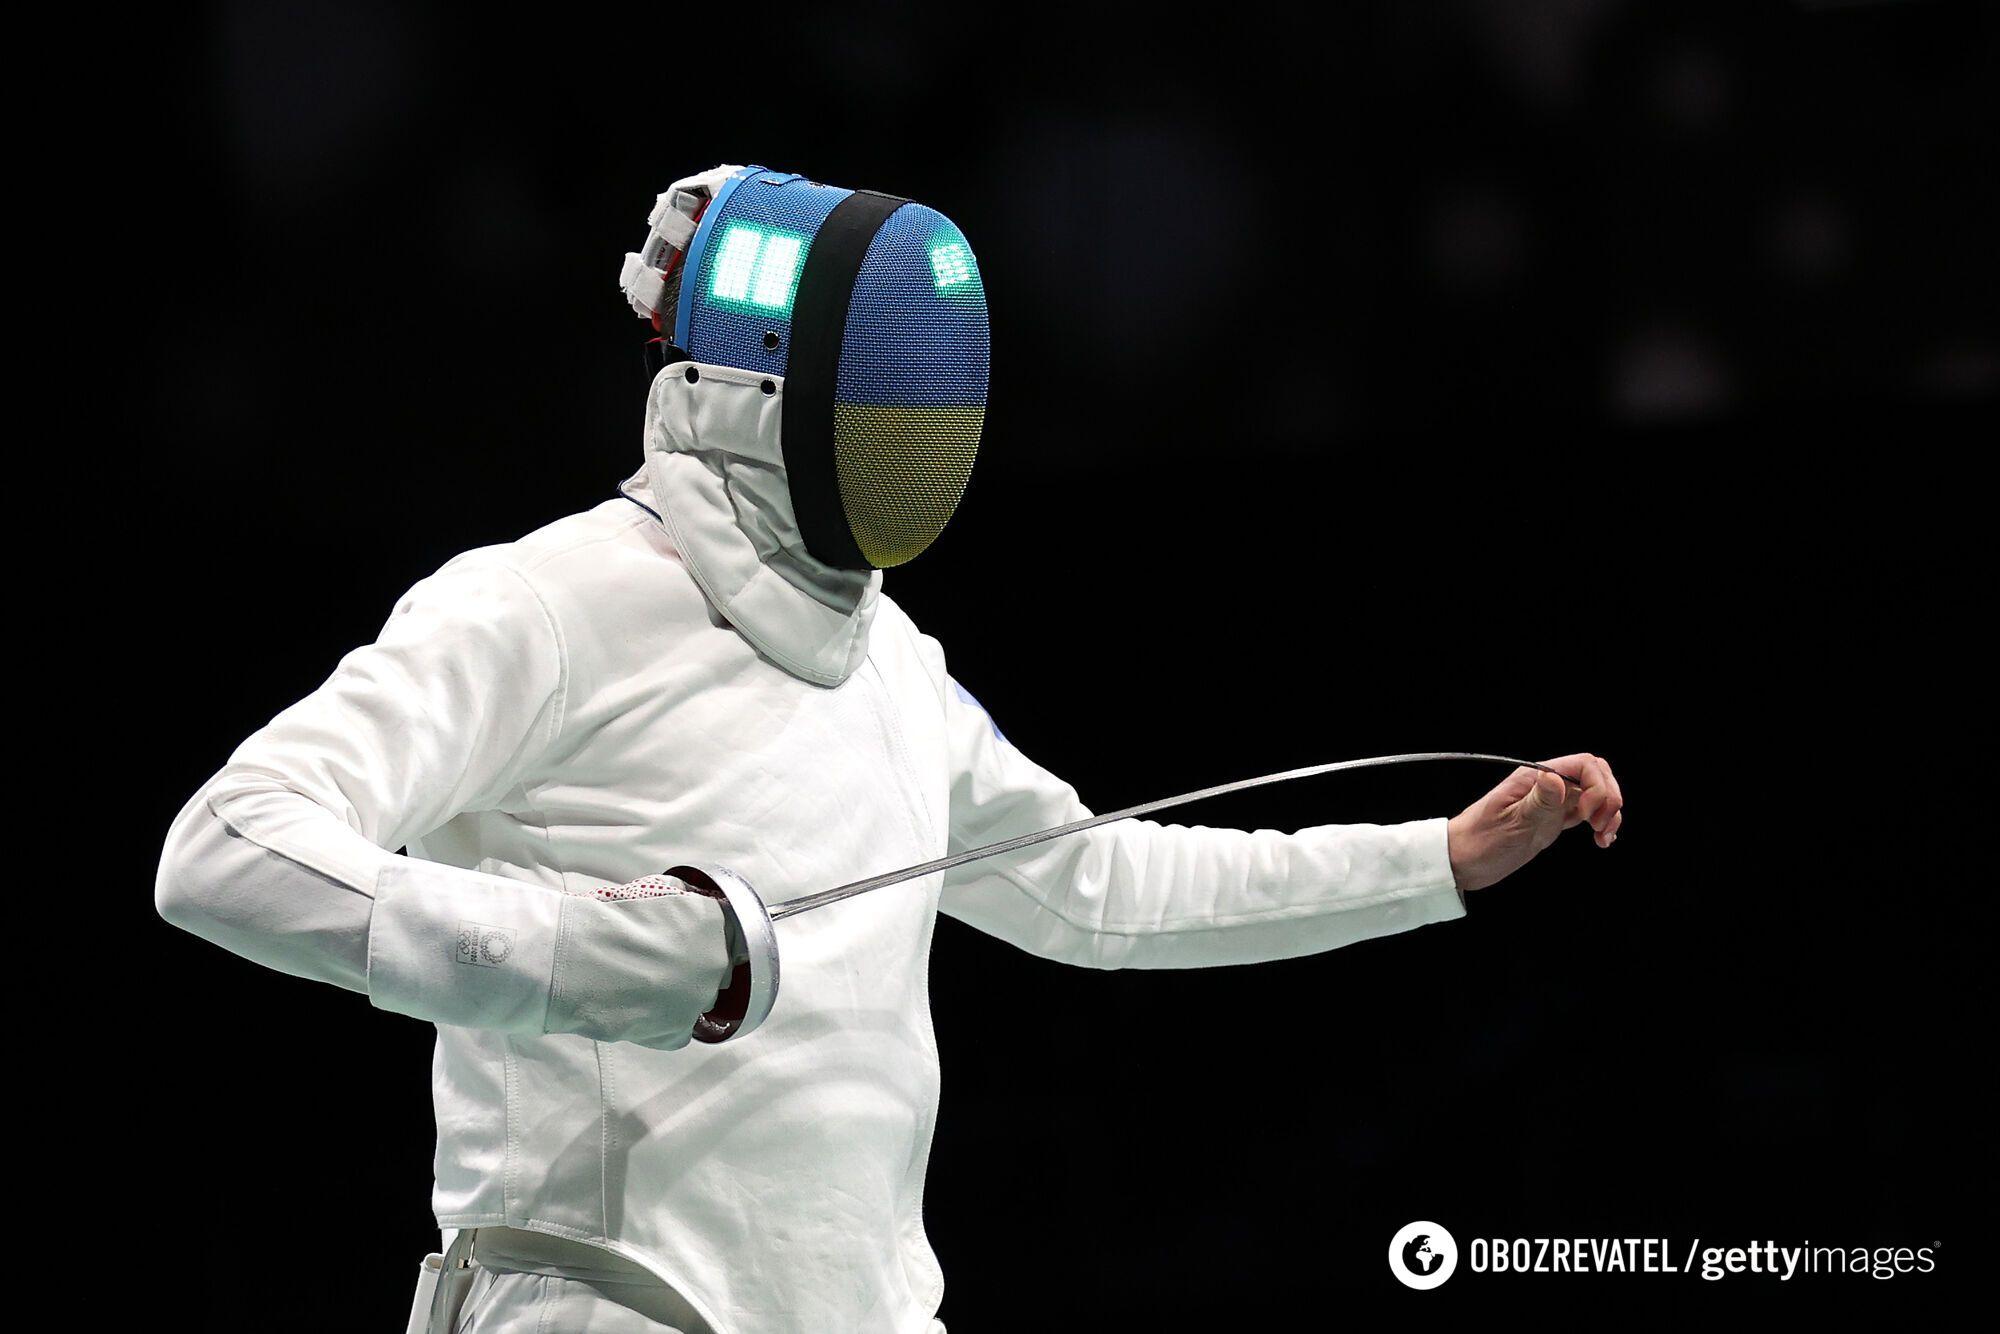 Нікішин назвав провальними Ігри в Токіо.